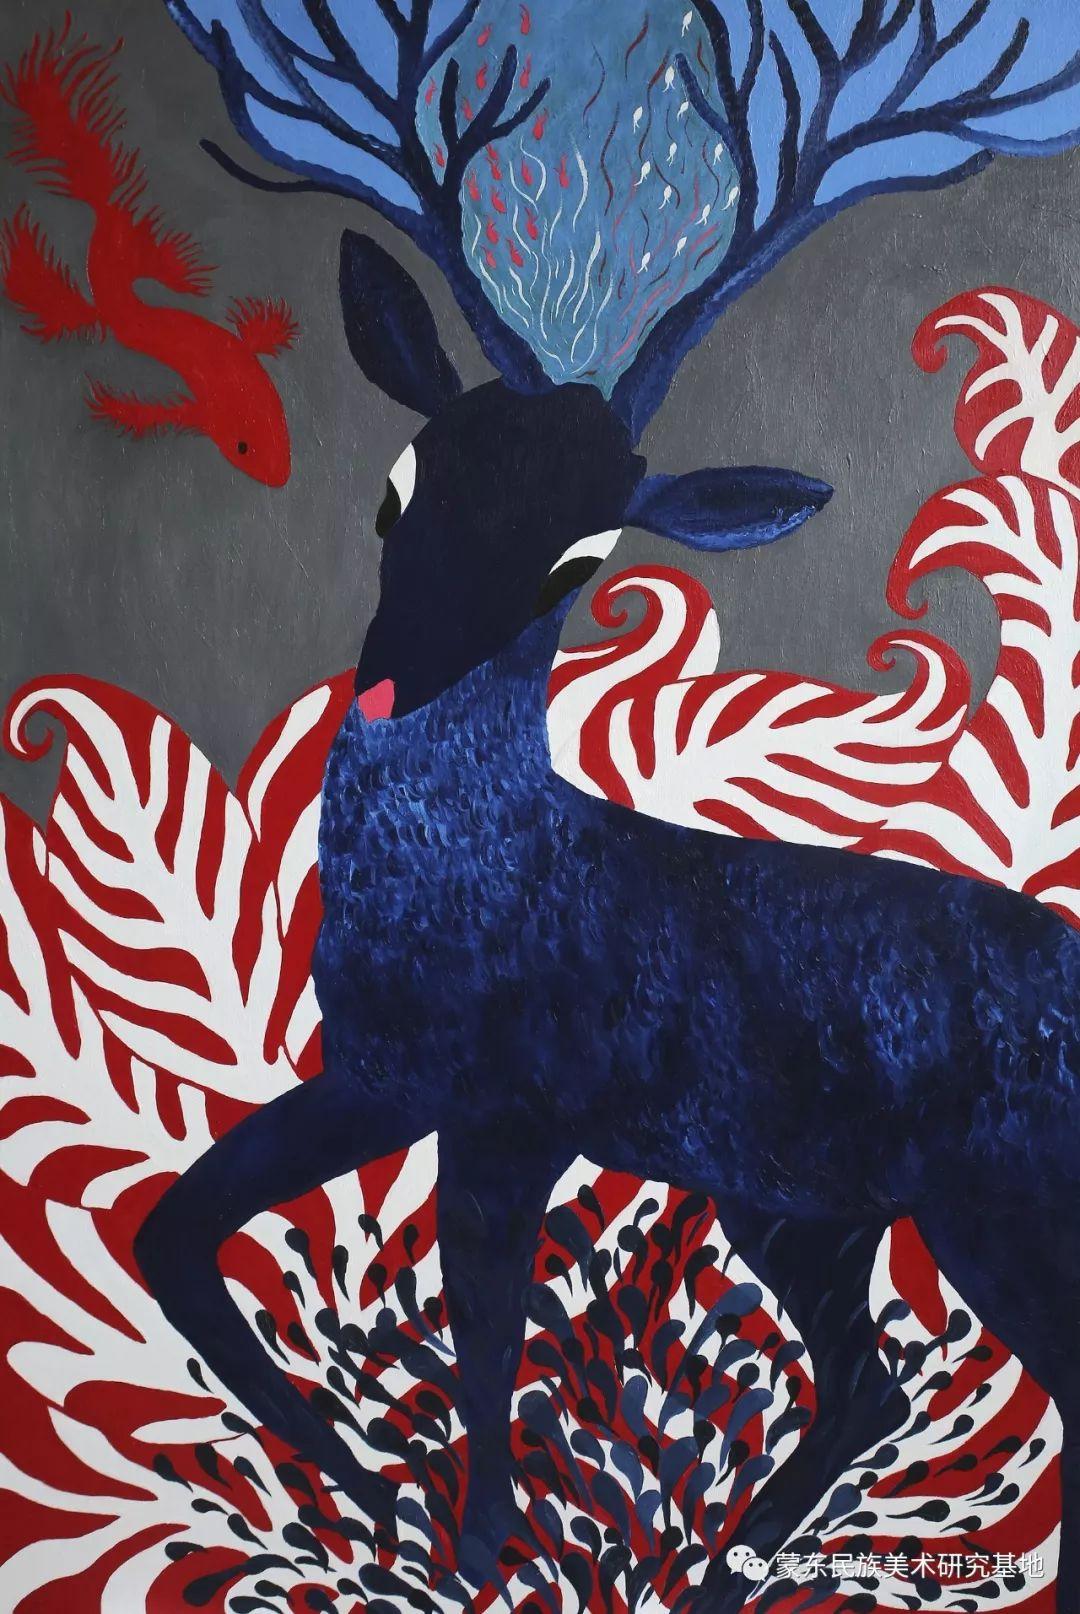 娜恩达拉油画作品——中国少数民族美术促进会,蒙东民族美术研究基地画家系列 第9张 娜恩达拉油画作品——中国少数民族美术促进会,蒙东民族美术研究基地画家系列 蒙古画廊